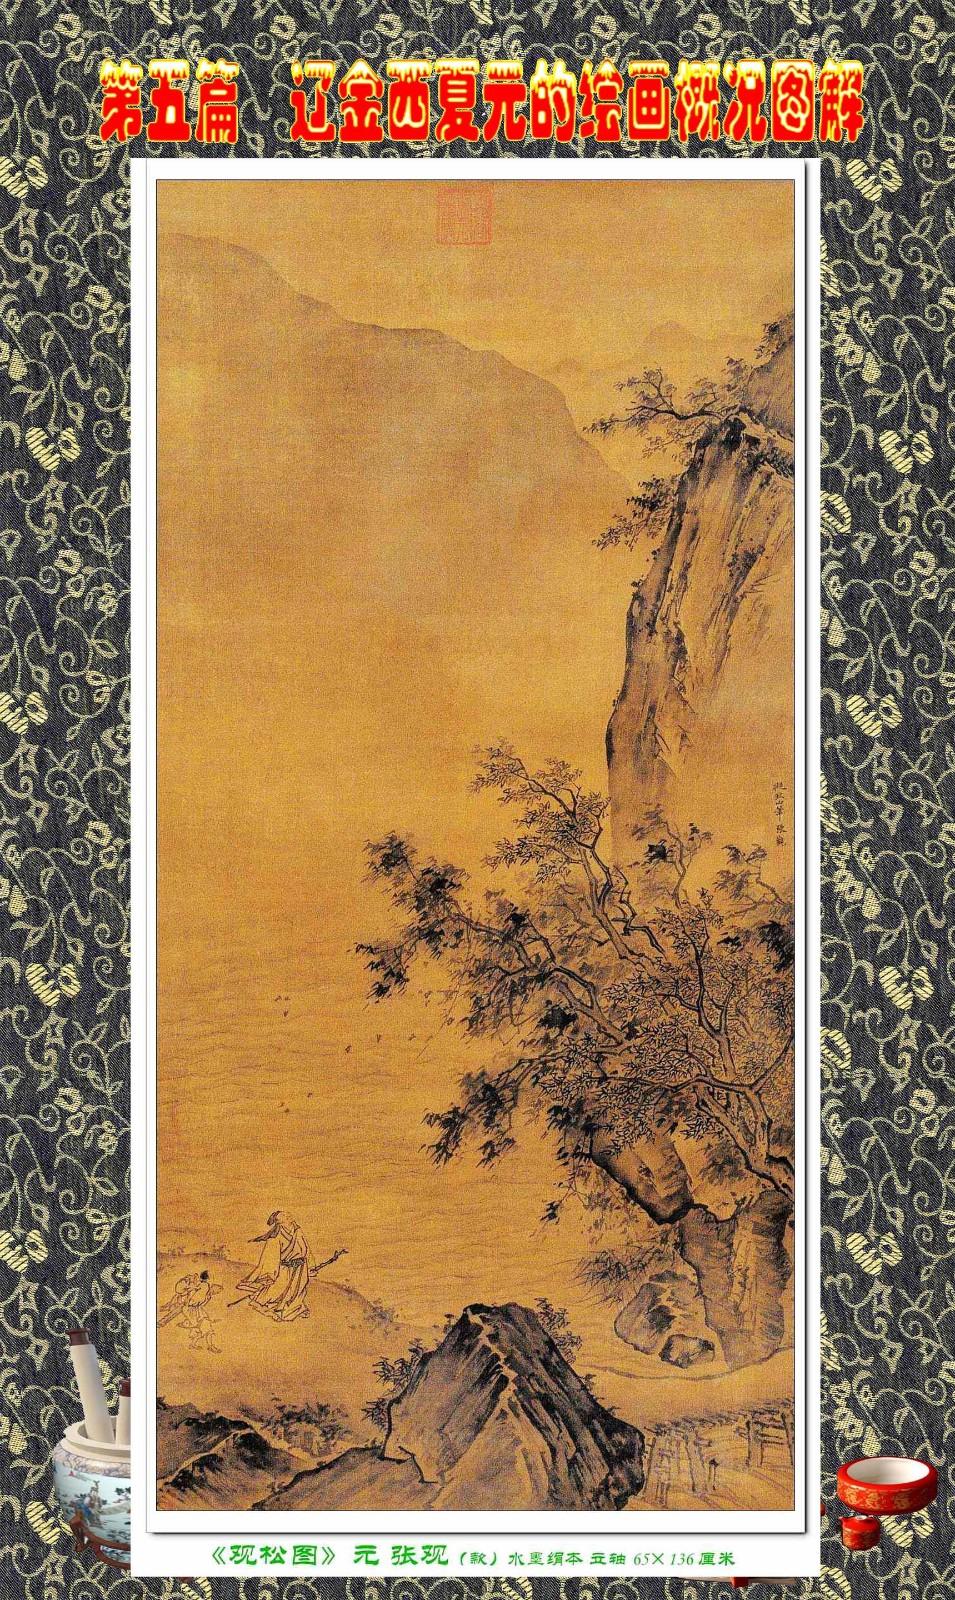 顾绍骅编辑 中国画知识普及版 第五篇 辽金西夏元的绘画概况 下 ... ..._图1-94